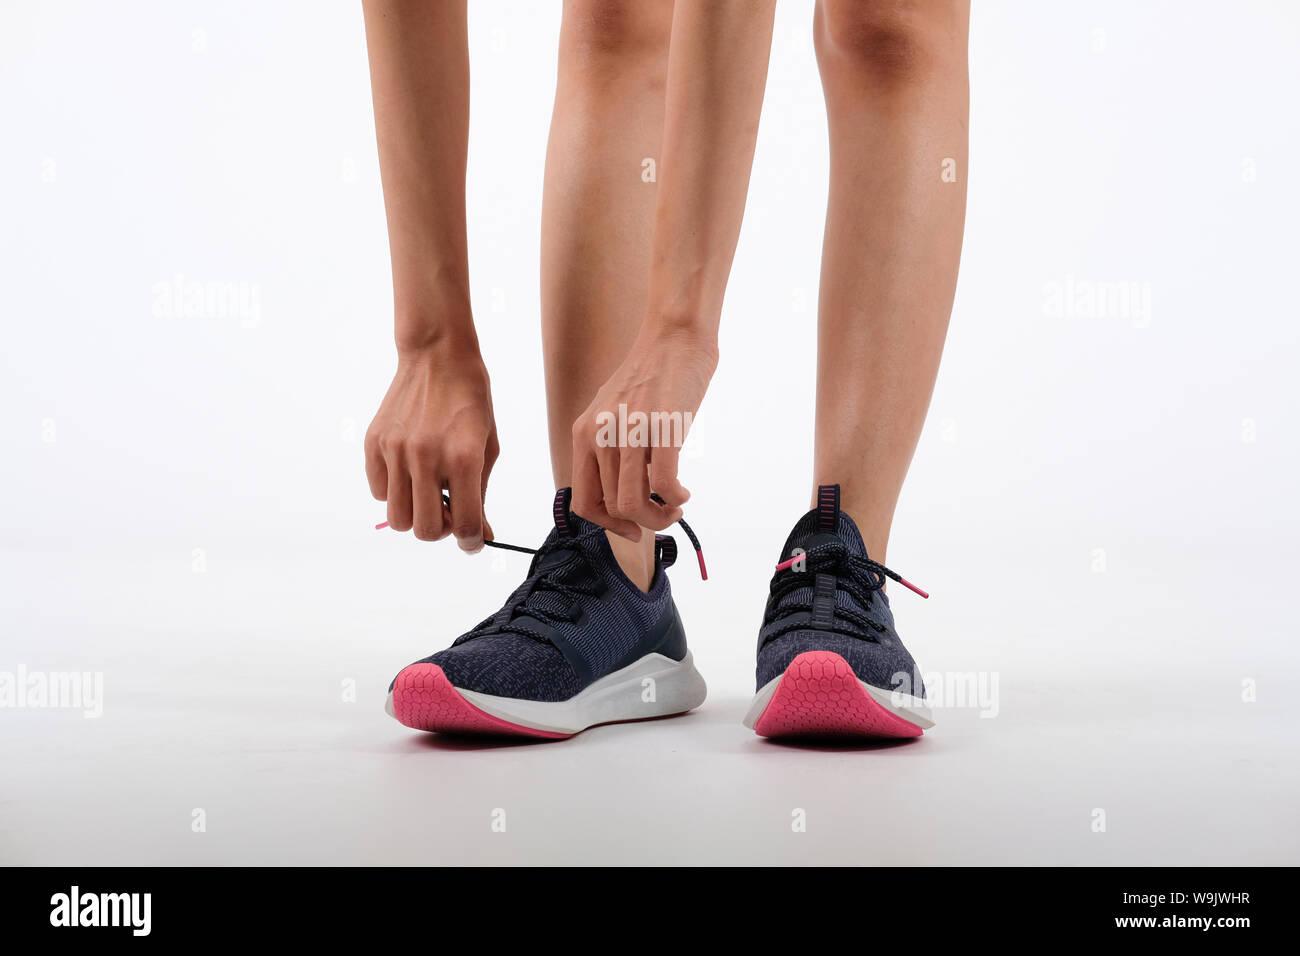 sporty fitness woman in sportswear tying sneaker shoelace on